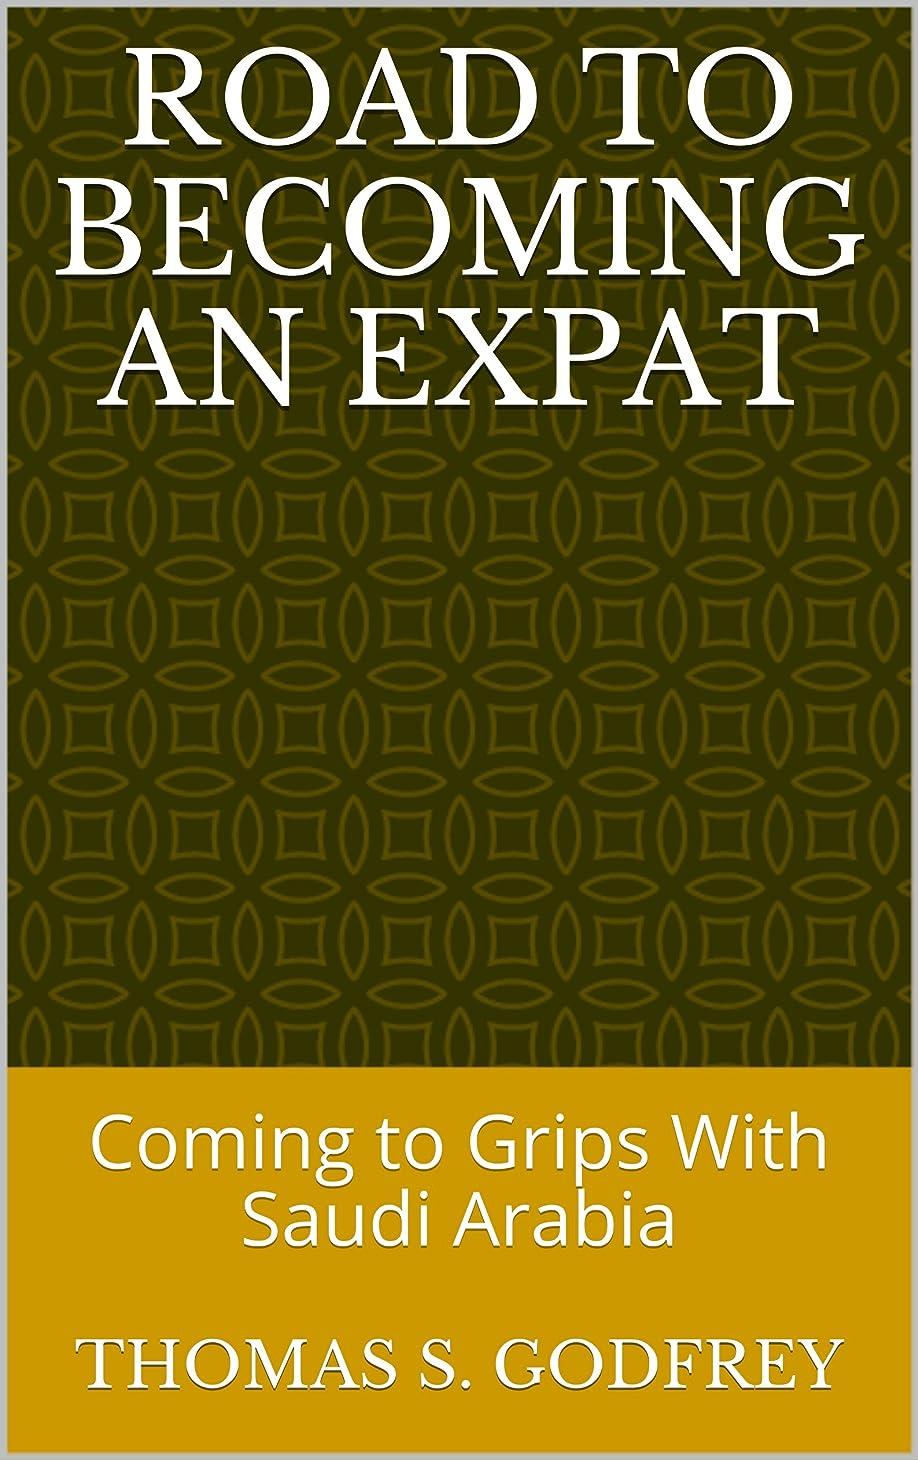 兵器庫自分のために祈りRoad to Becoming an Expat: Coming to Grips With Saudi Arabia (Sandland Book 1) (English Edition)